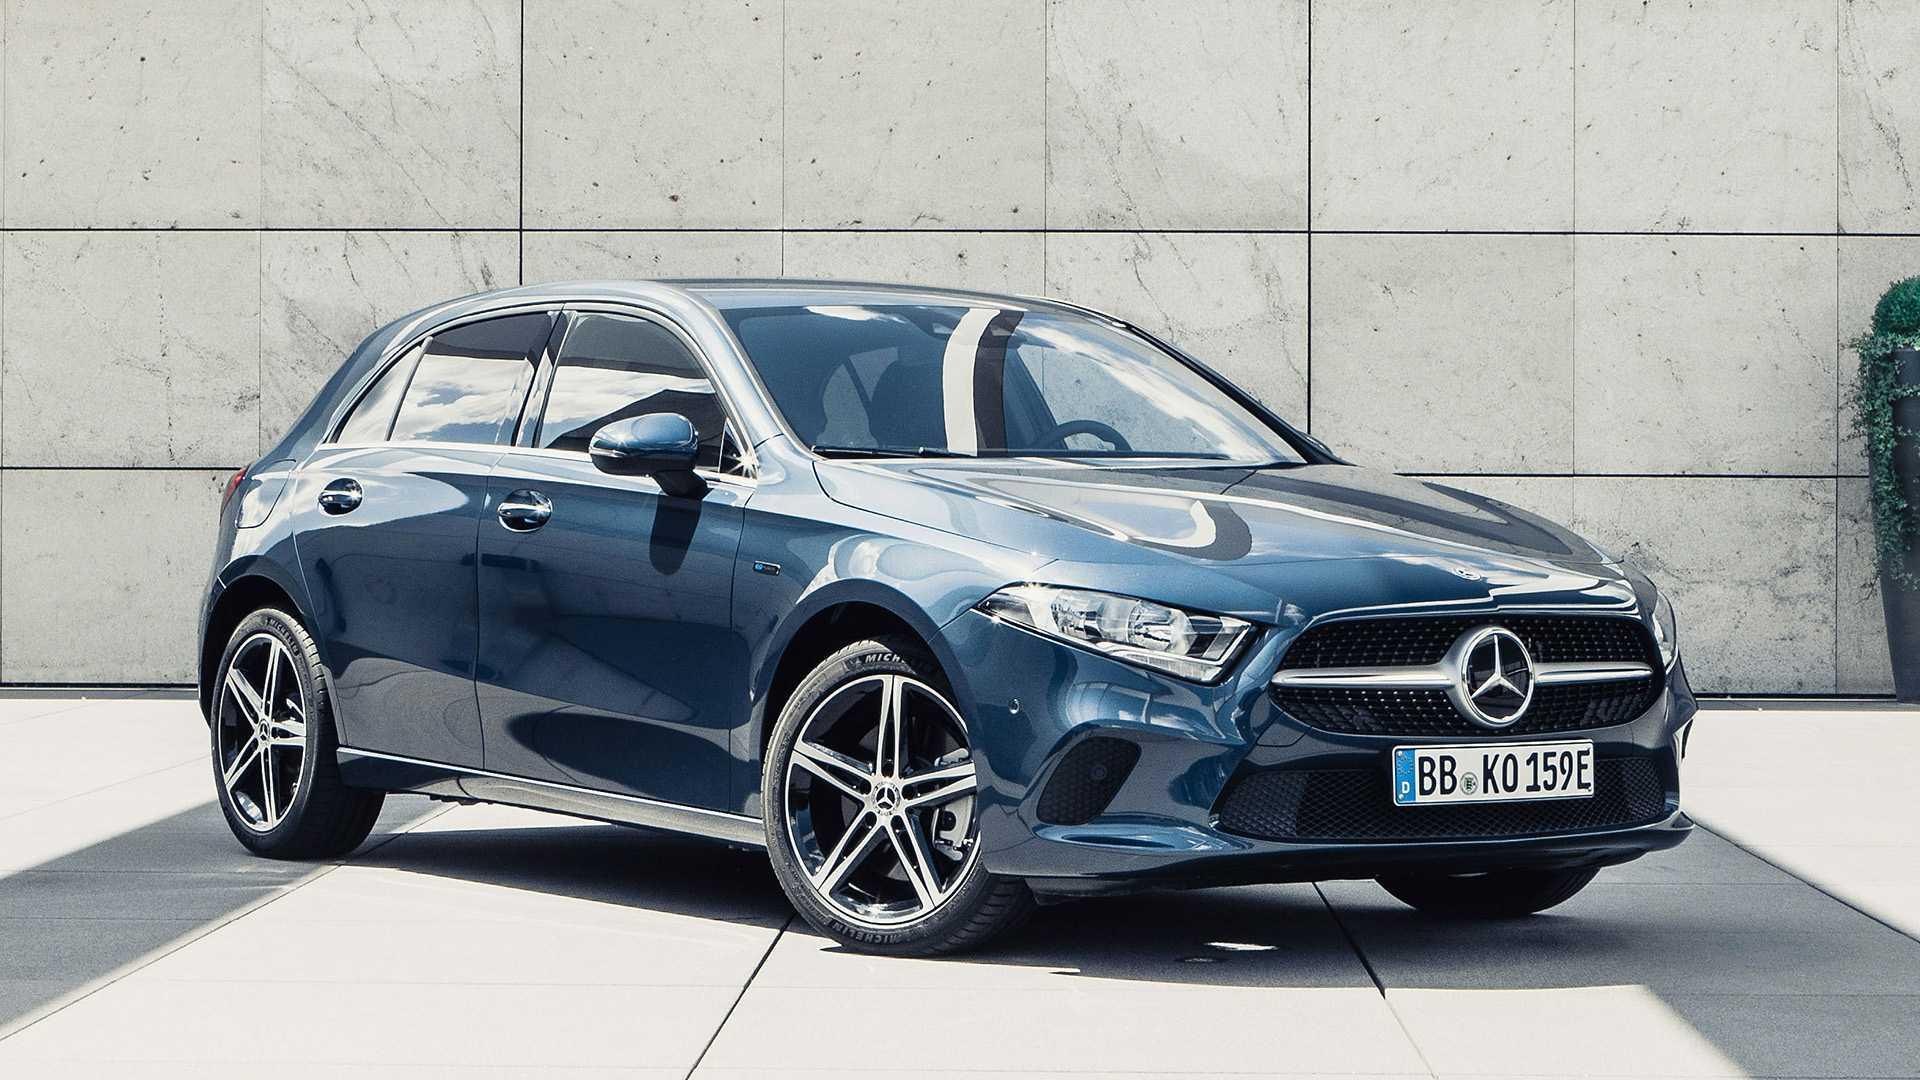 2018 - [Mercedes] Classe A (W177) - Page 34 Mercedes-benz-a-250e-und-b-250e-2019